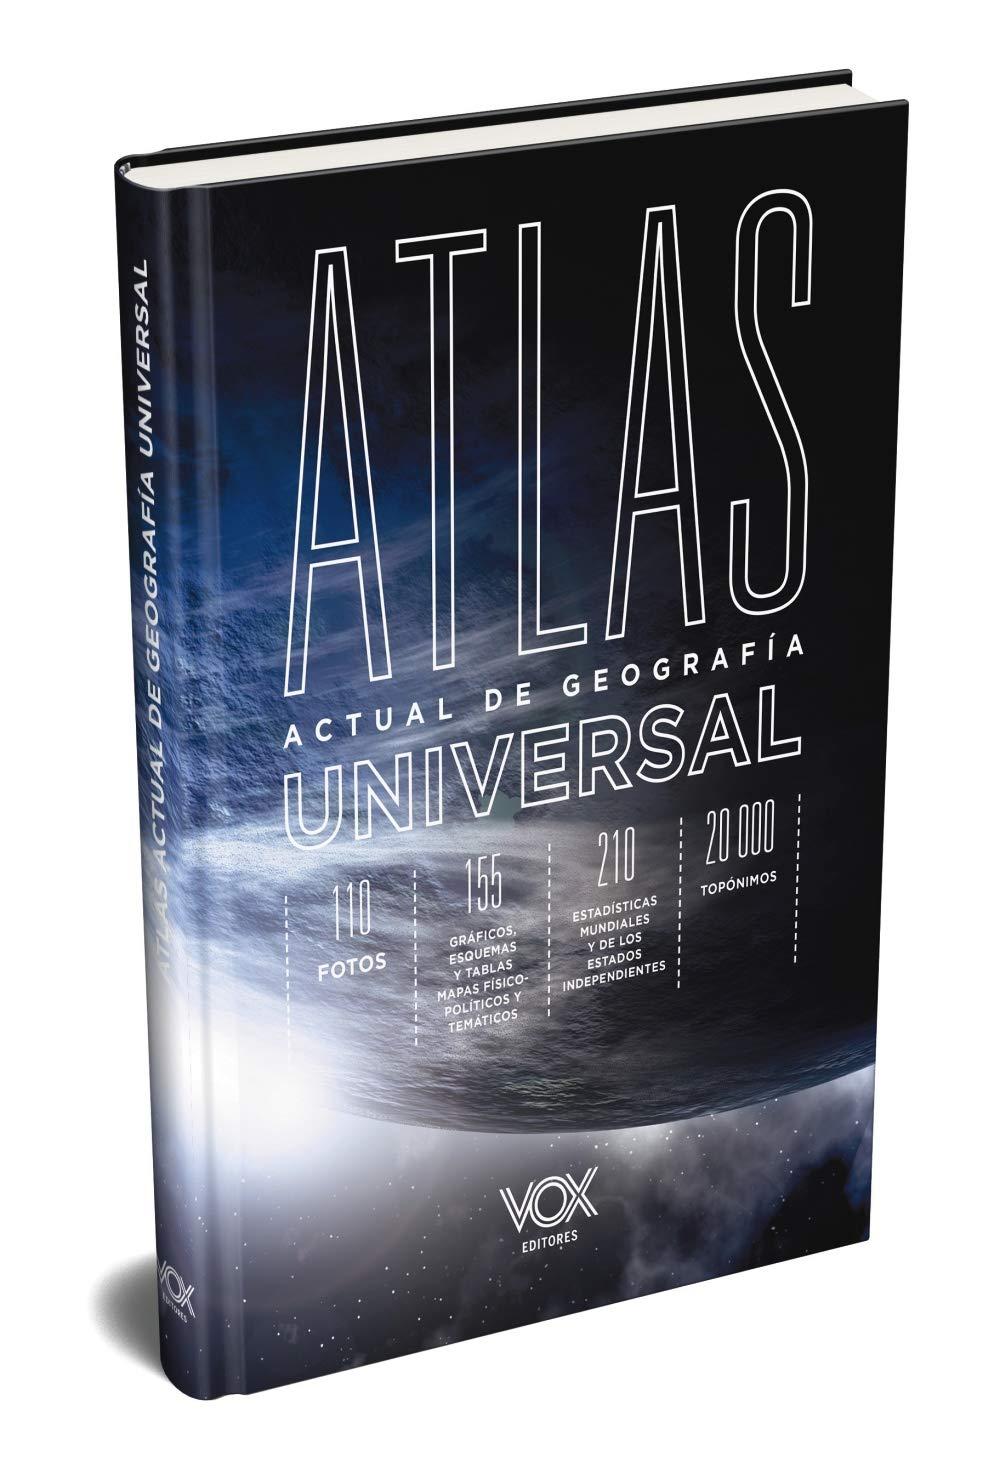 Atlas Actual de Geografía Universal Vox (Vox - Atlas): Amazon.es: Vox Editorial: Libros